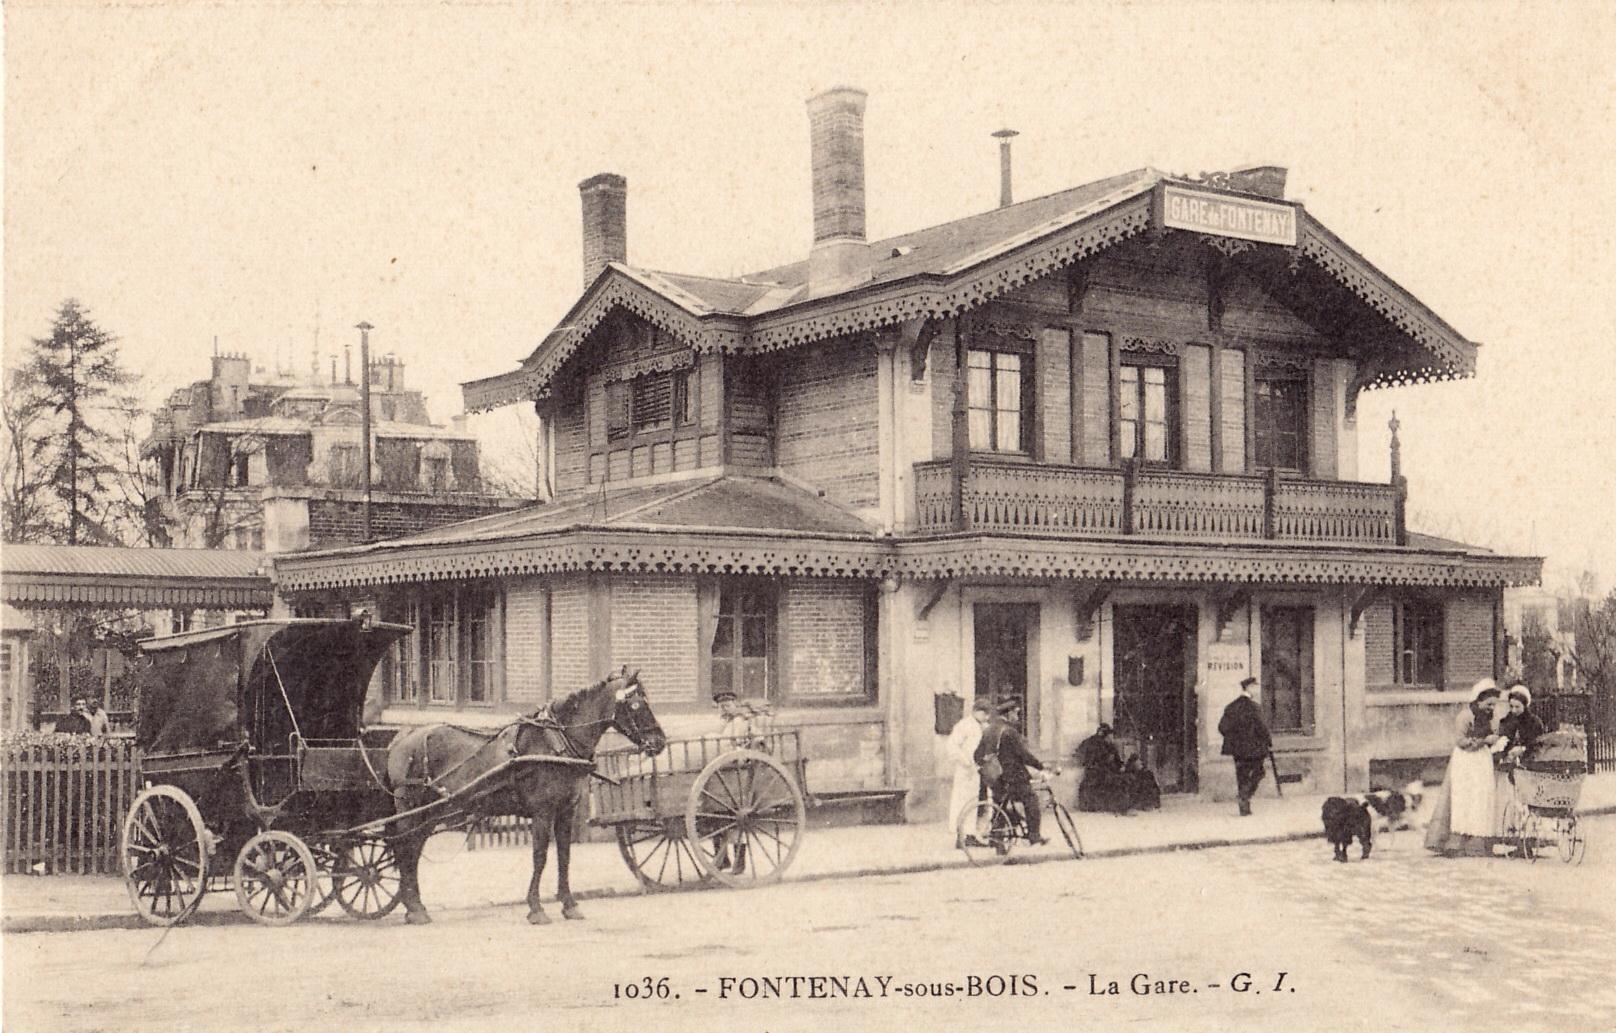 Ostéopathe Fontenay Sous Bois - Gare Rer Fontenay Sous Bois u2013 Myqto com